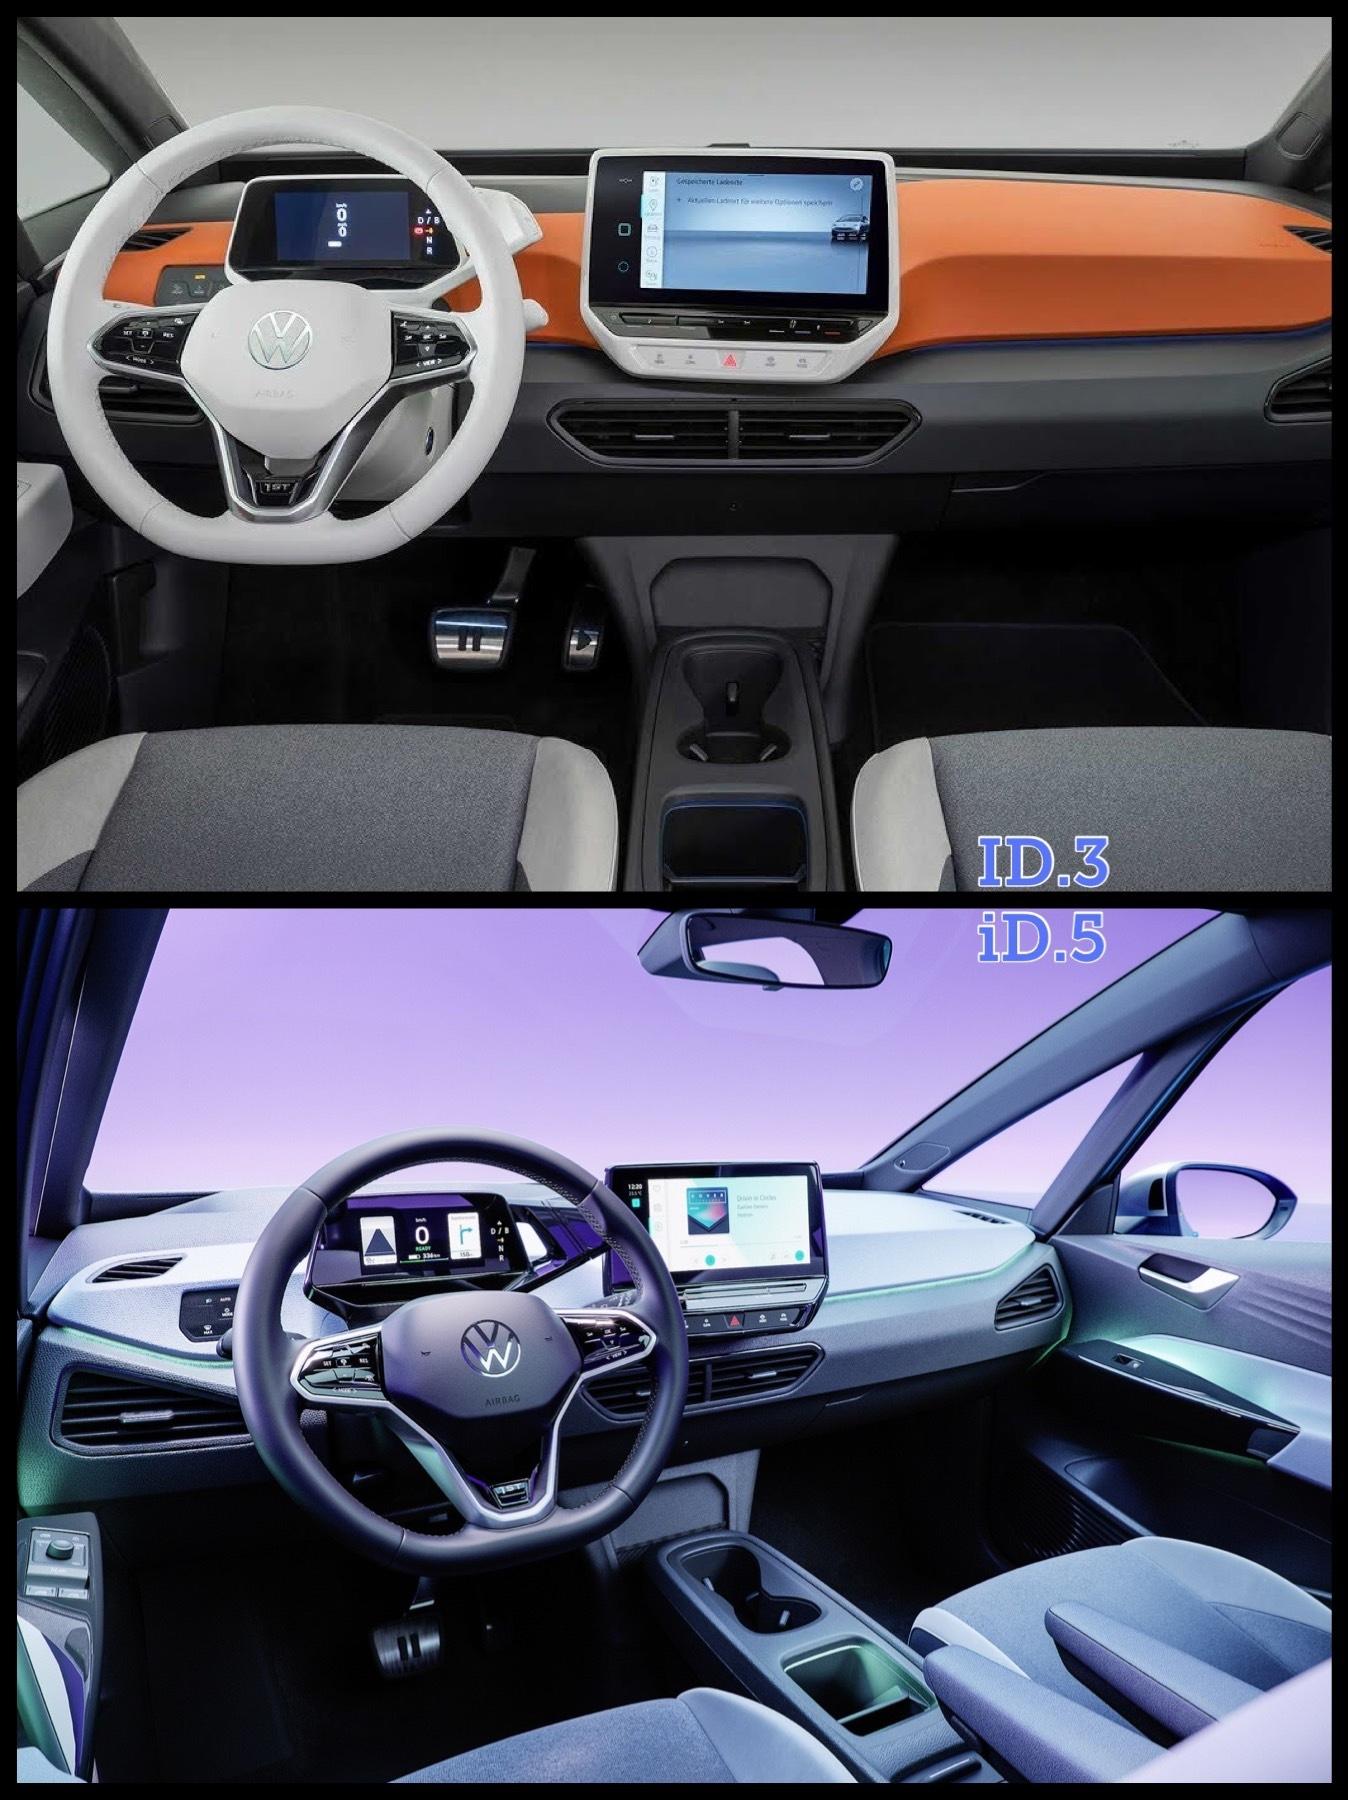 VW「ID.3」ID.5